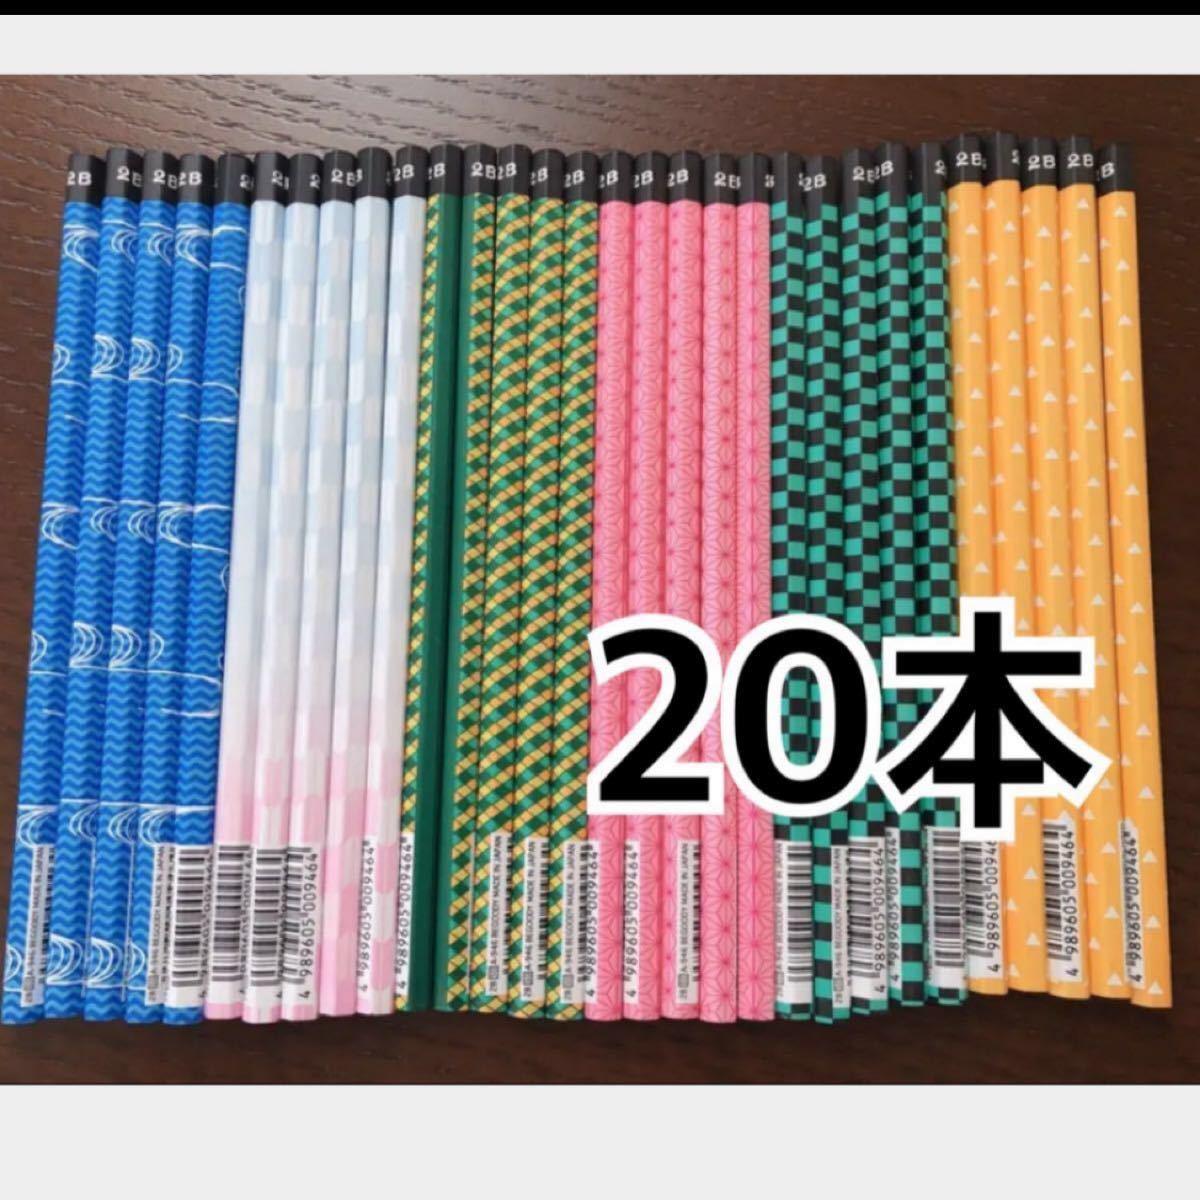 鬼滅の刃 鬼滅 2B鉛筆 20本 無一郎以外の5種類×4本づつ